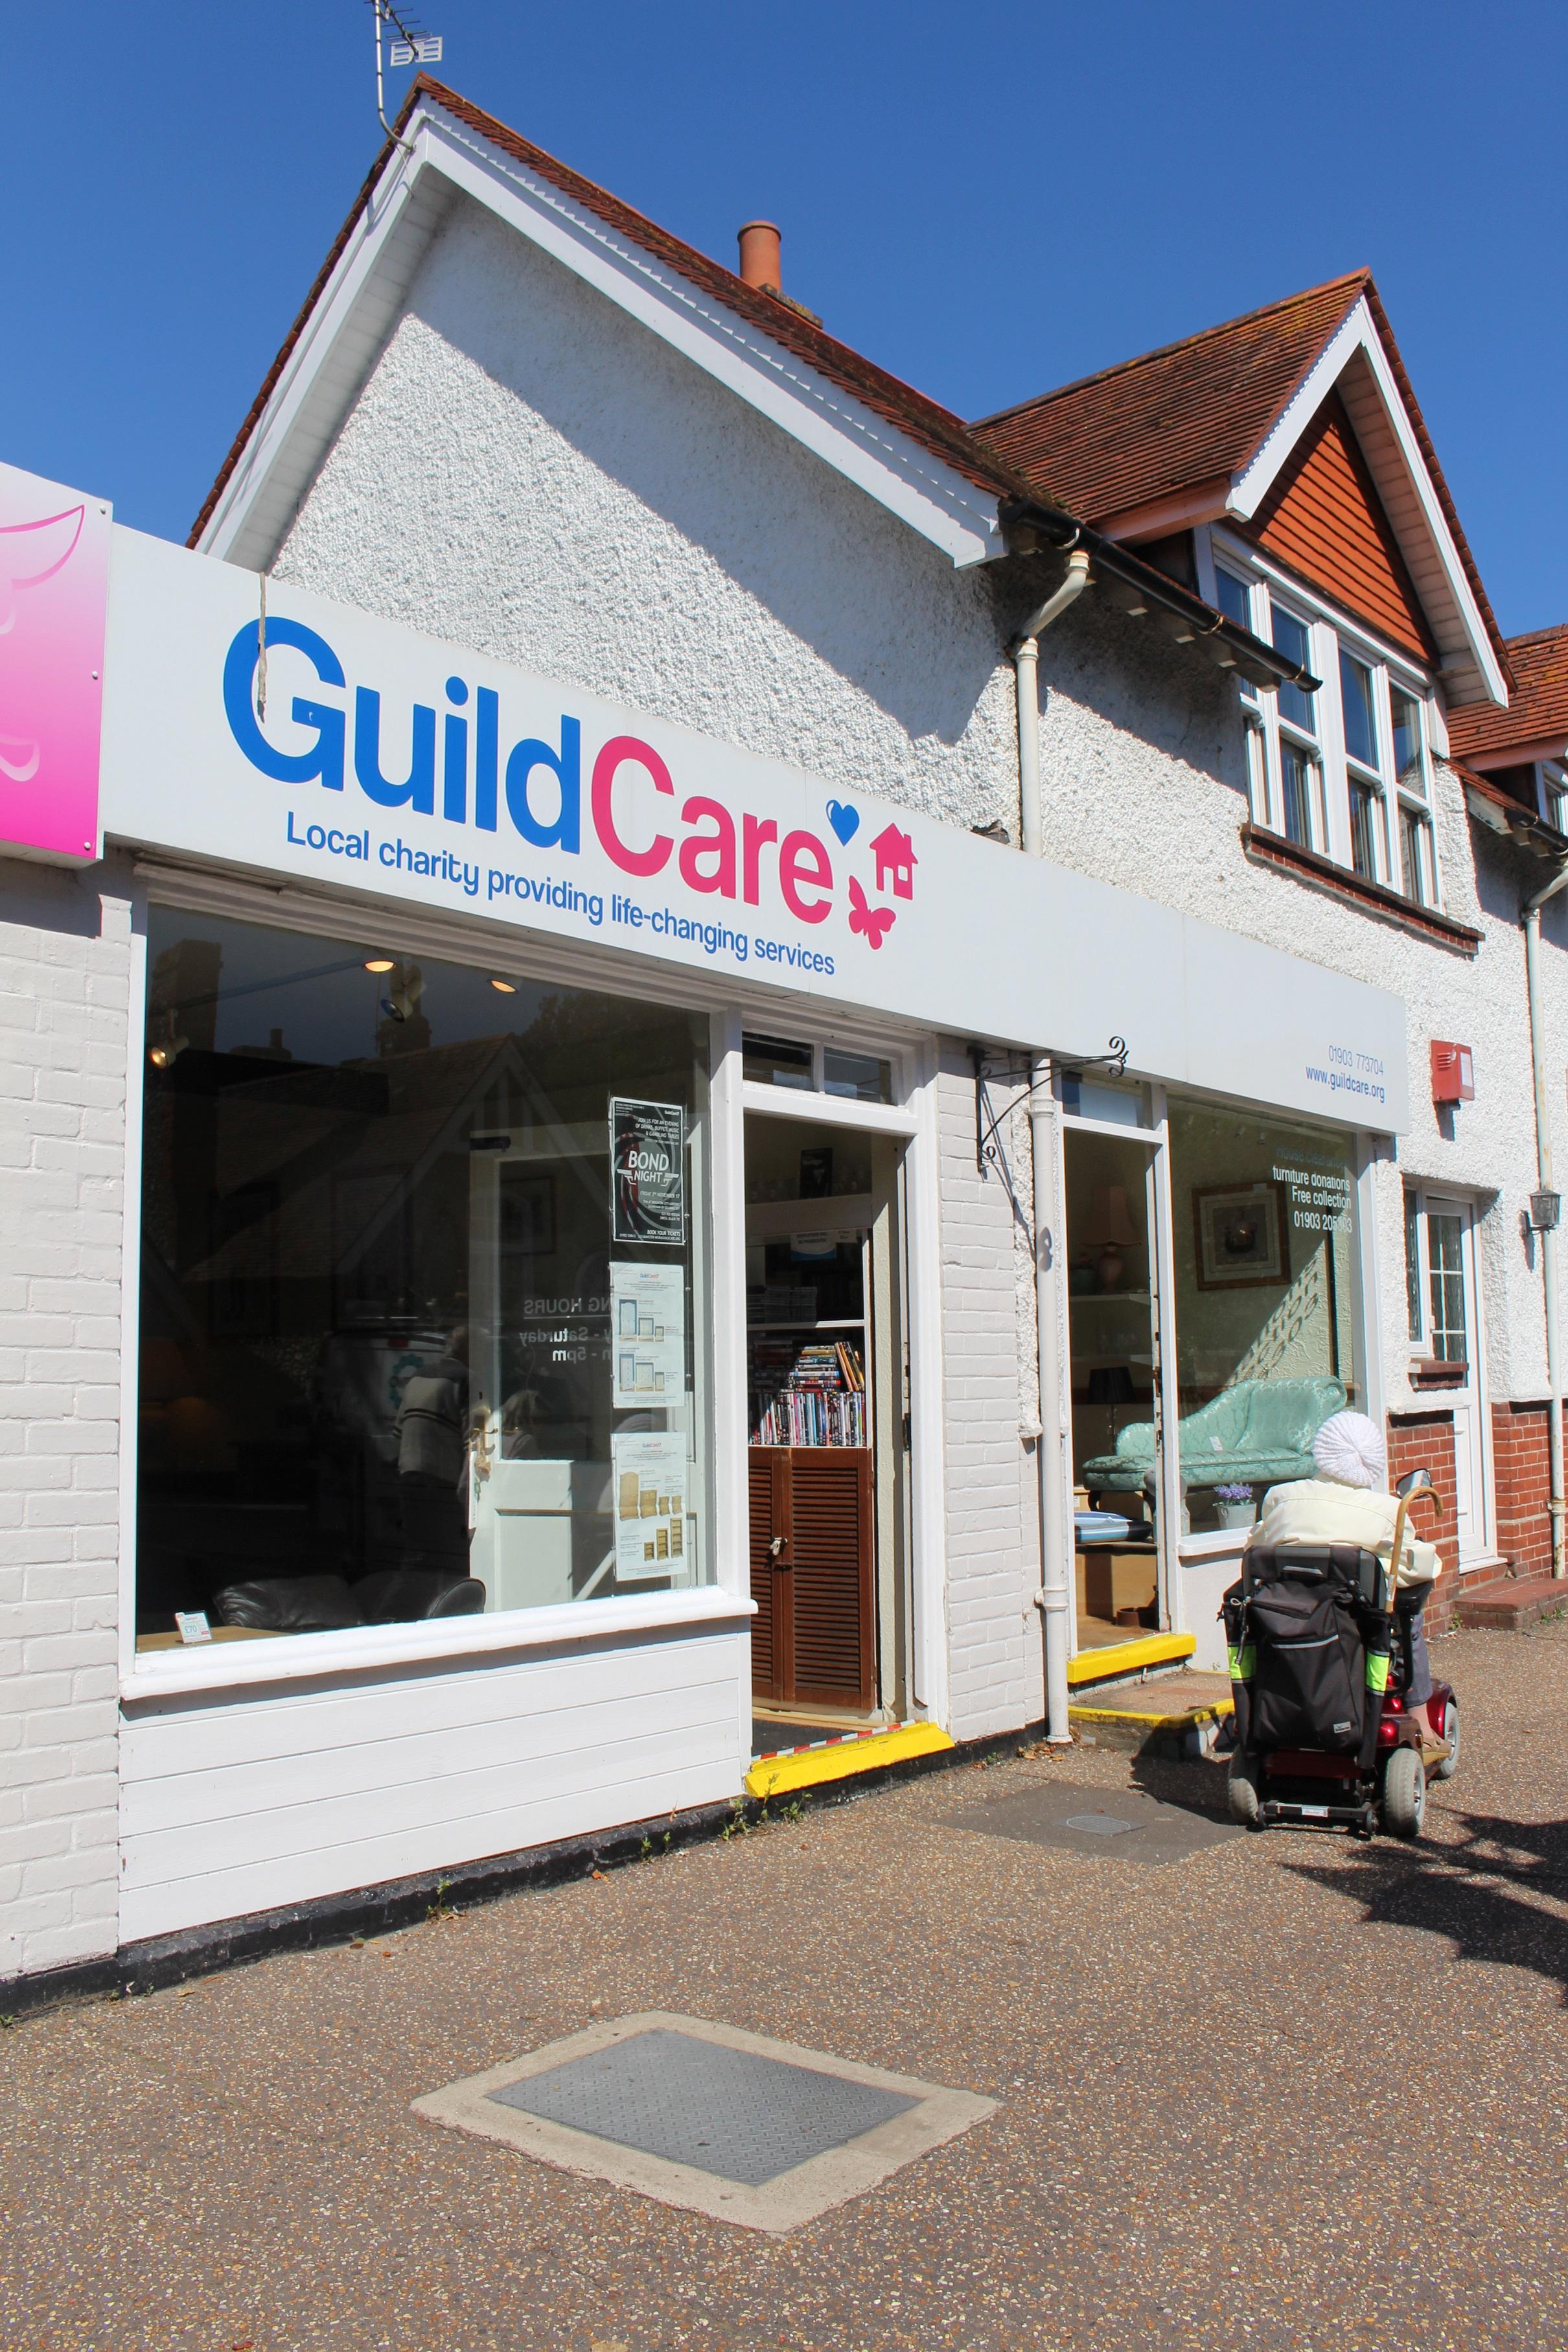 Guild Care - Rustington Charity Shop